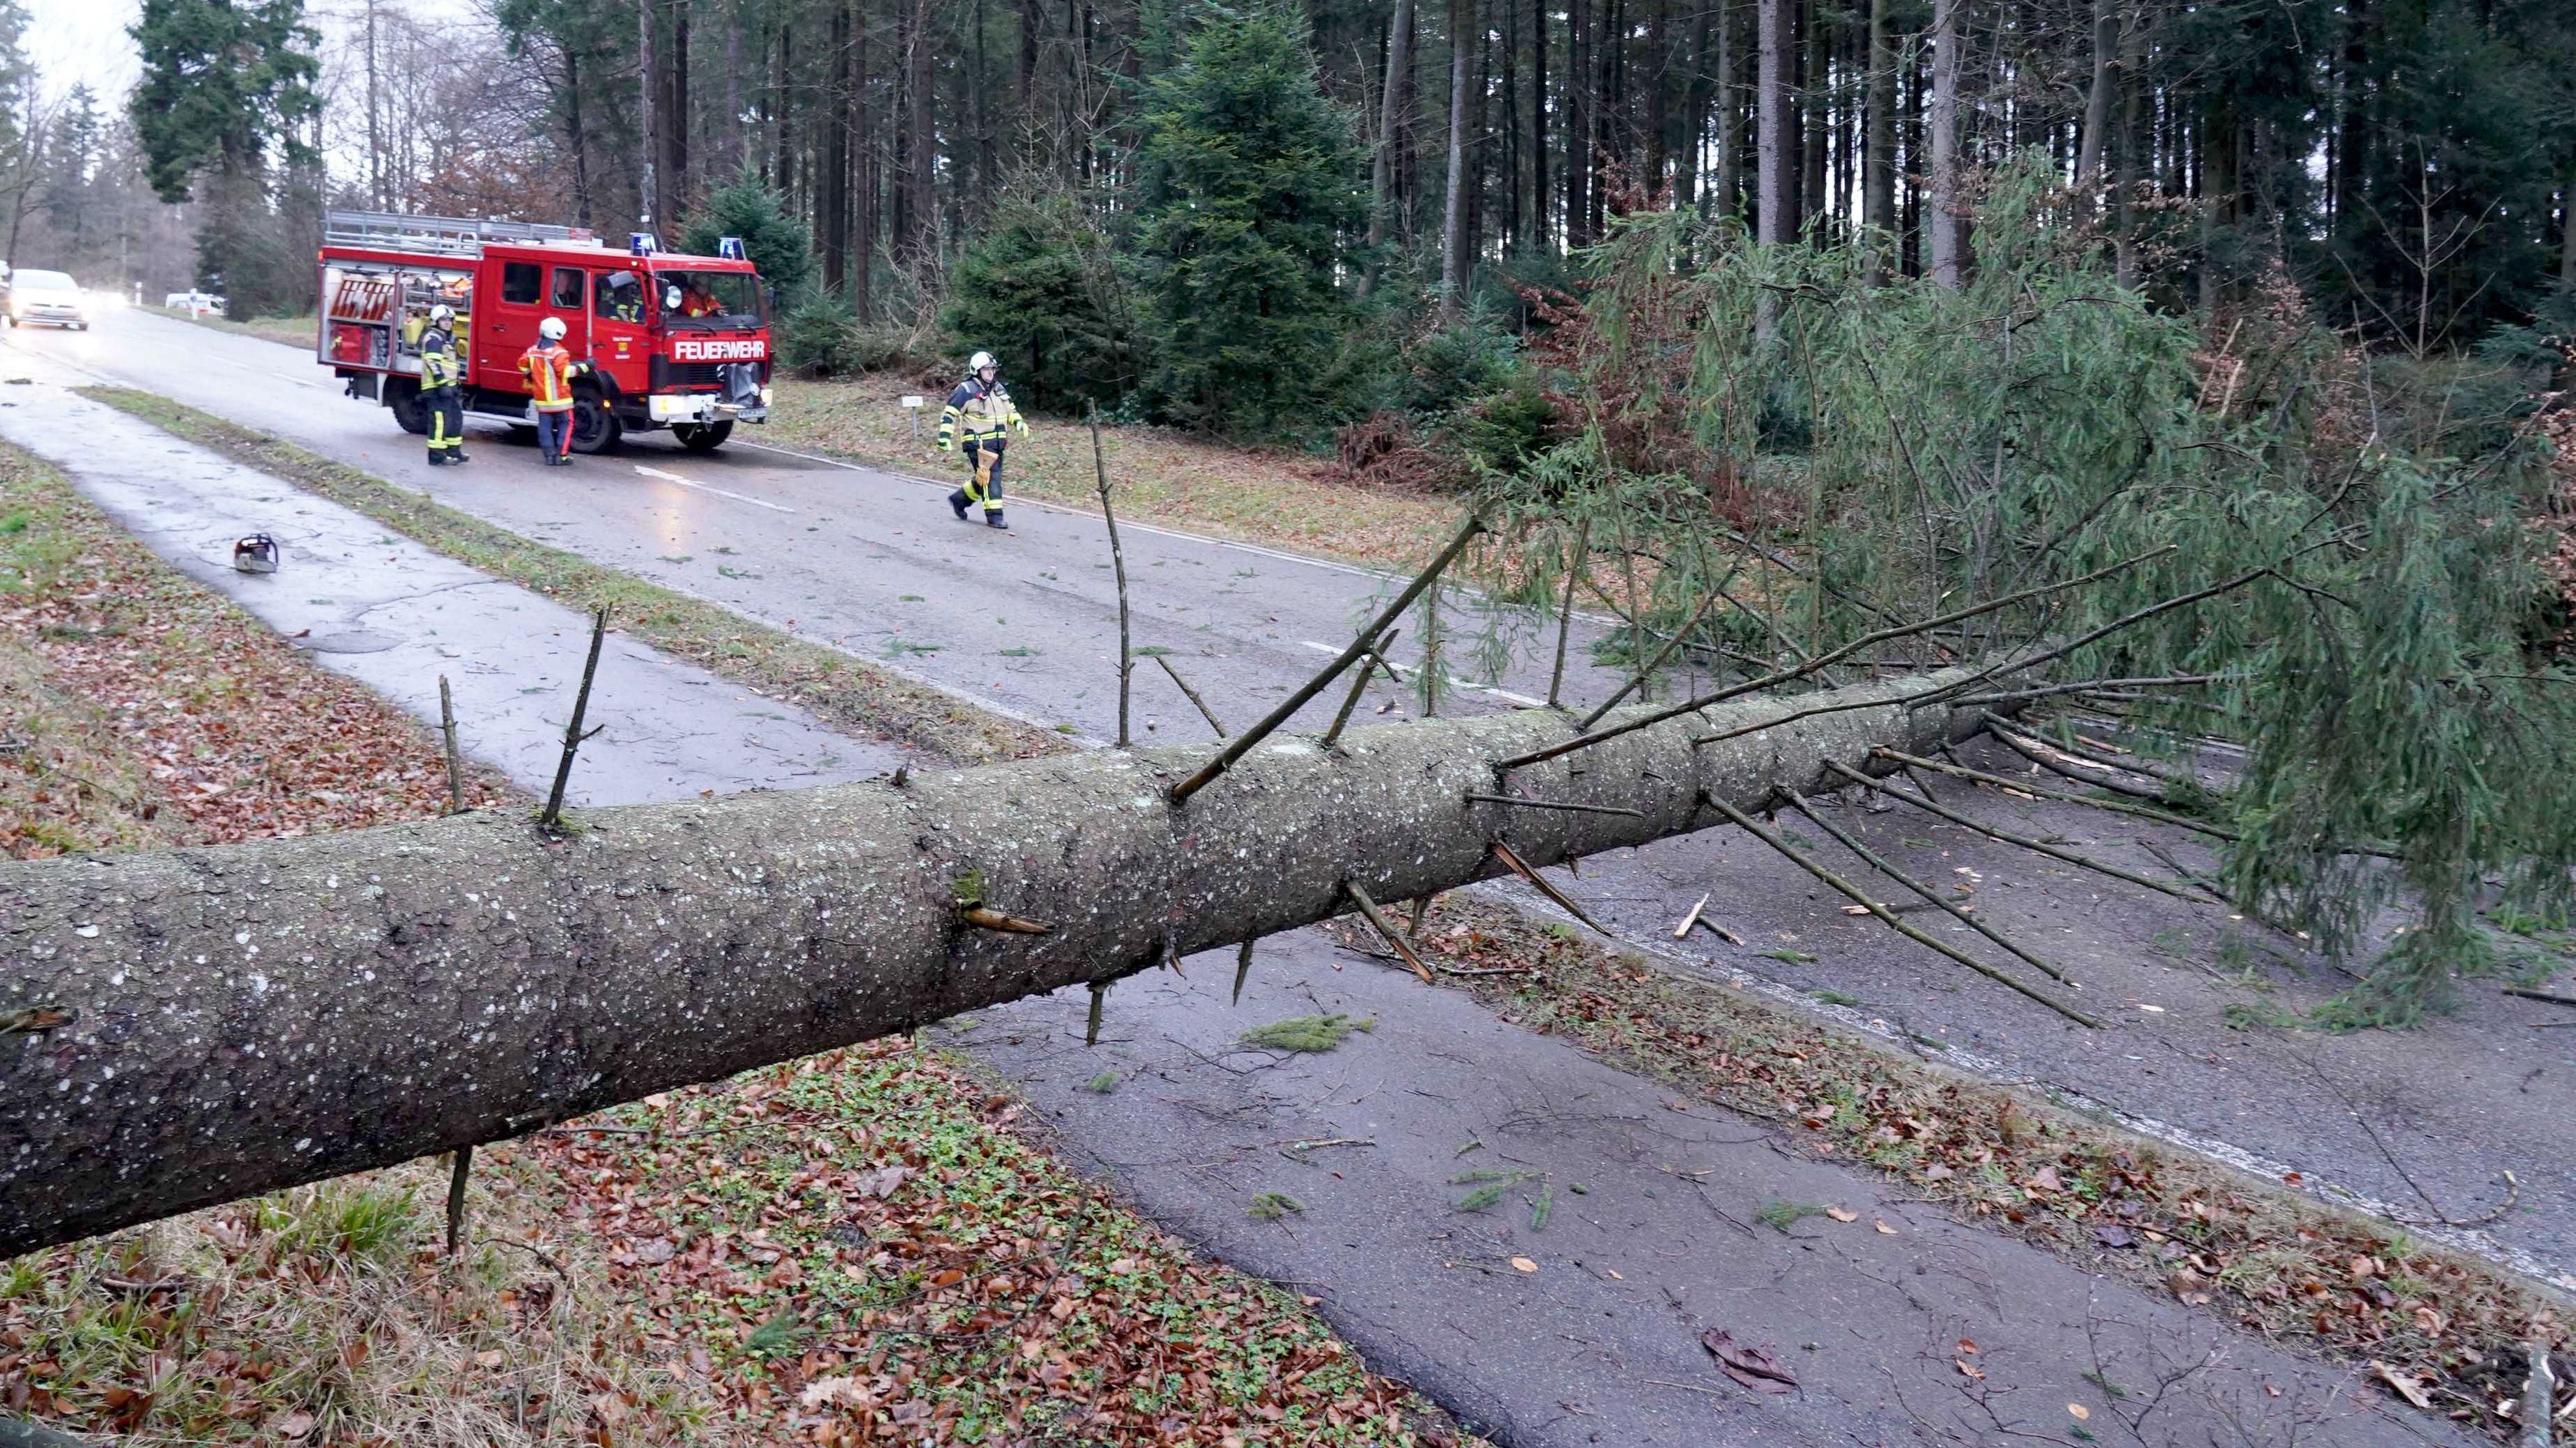 Einsatzkräfte der Feuerwehr arbeiten an einer Unfallstelle bei Kaiserbach, an der nach einem Sturm ein Baum auf eine Straße gestürzt ist